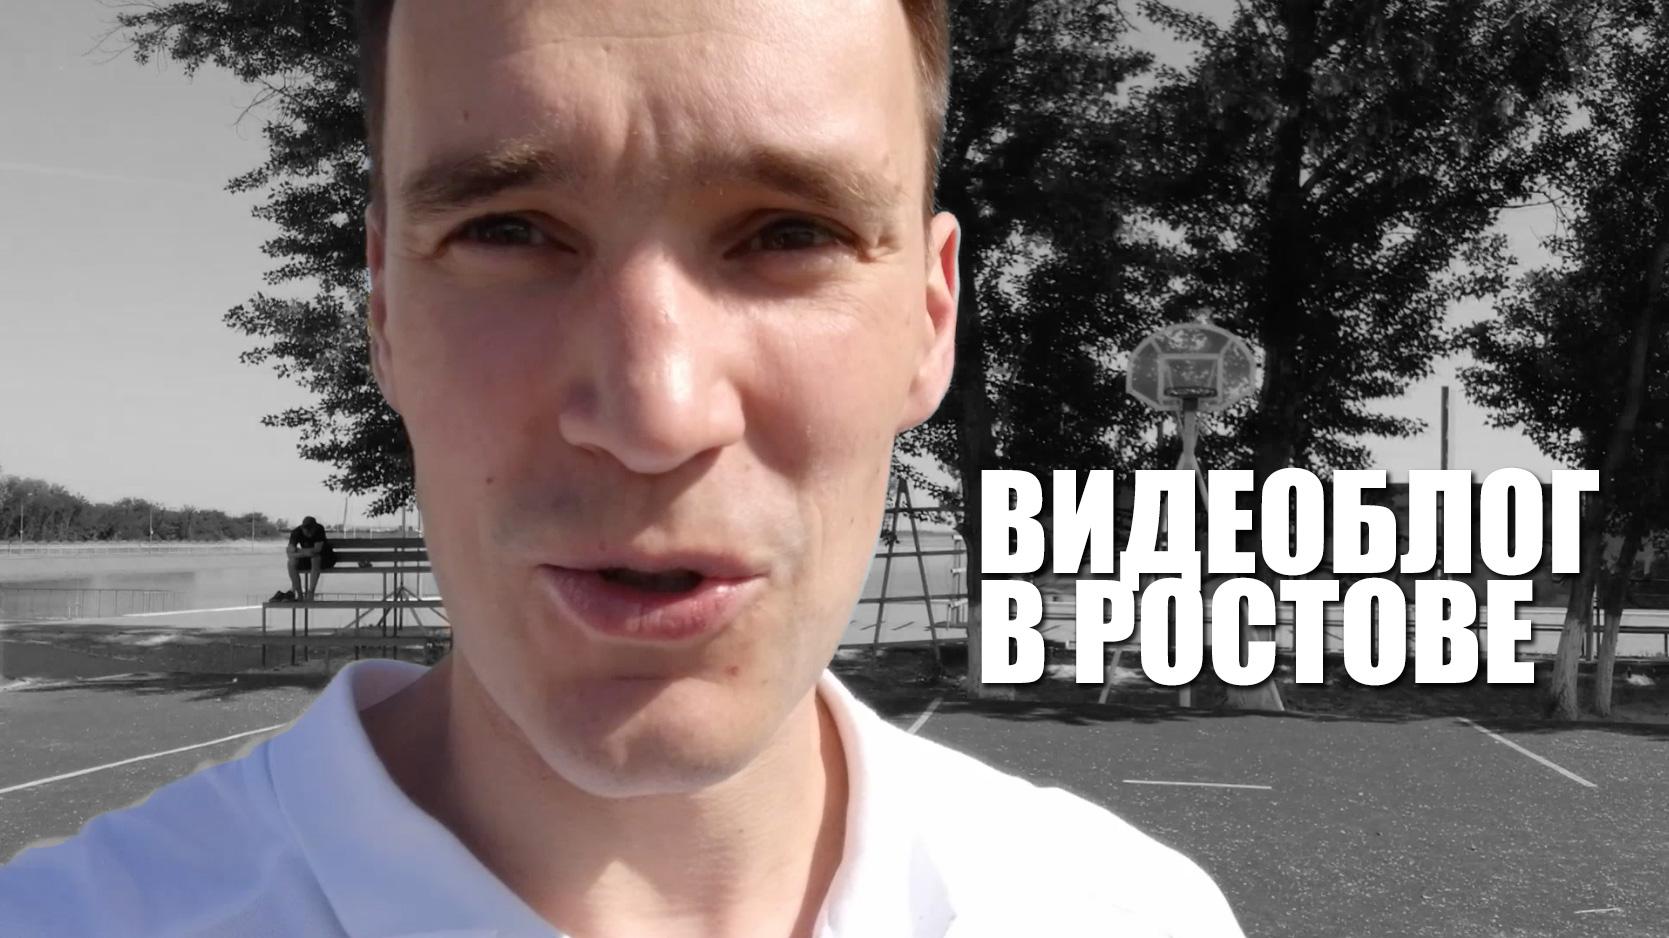 Видеоблог в Ростове-На-Дону. Лучший финал, осмотр баскетбольного хозяйства и наследие Чемпионата Мира